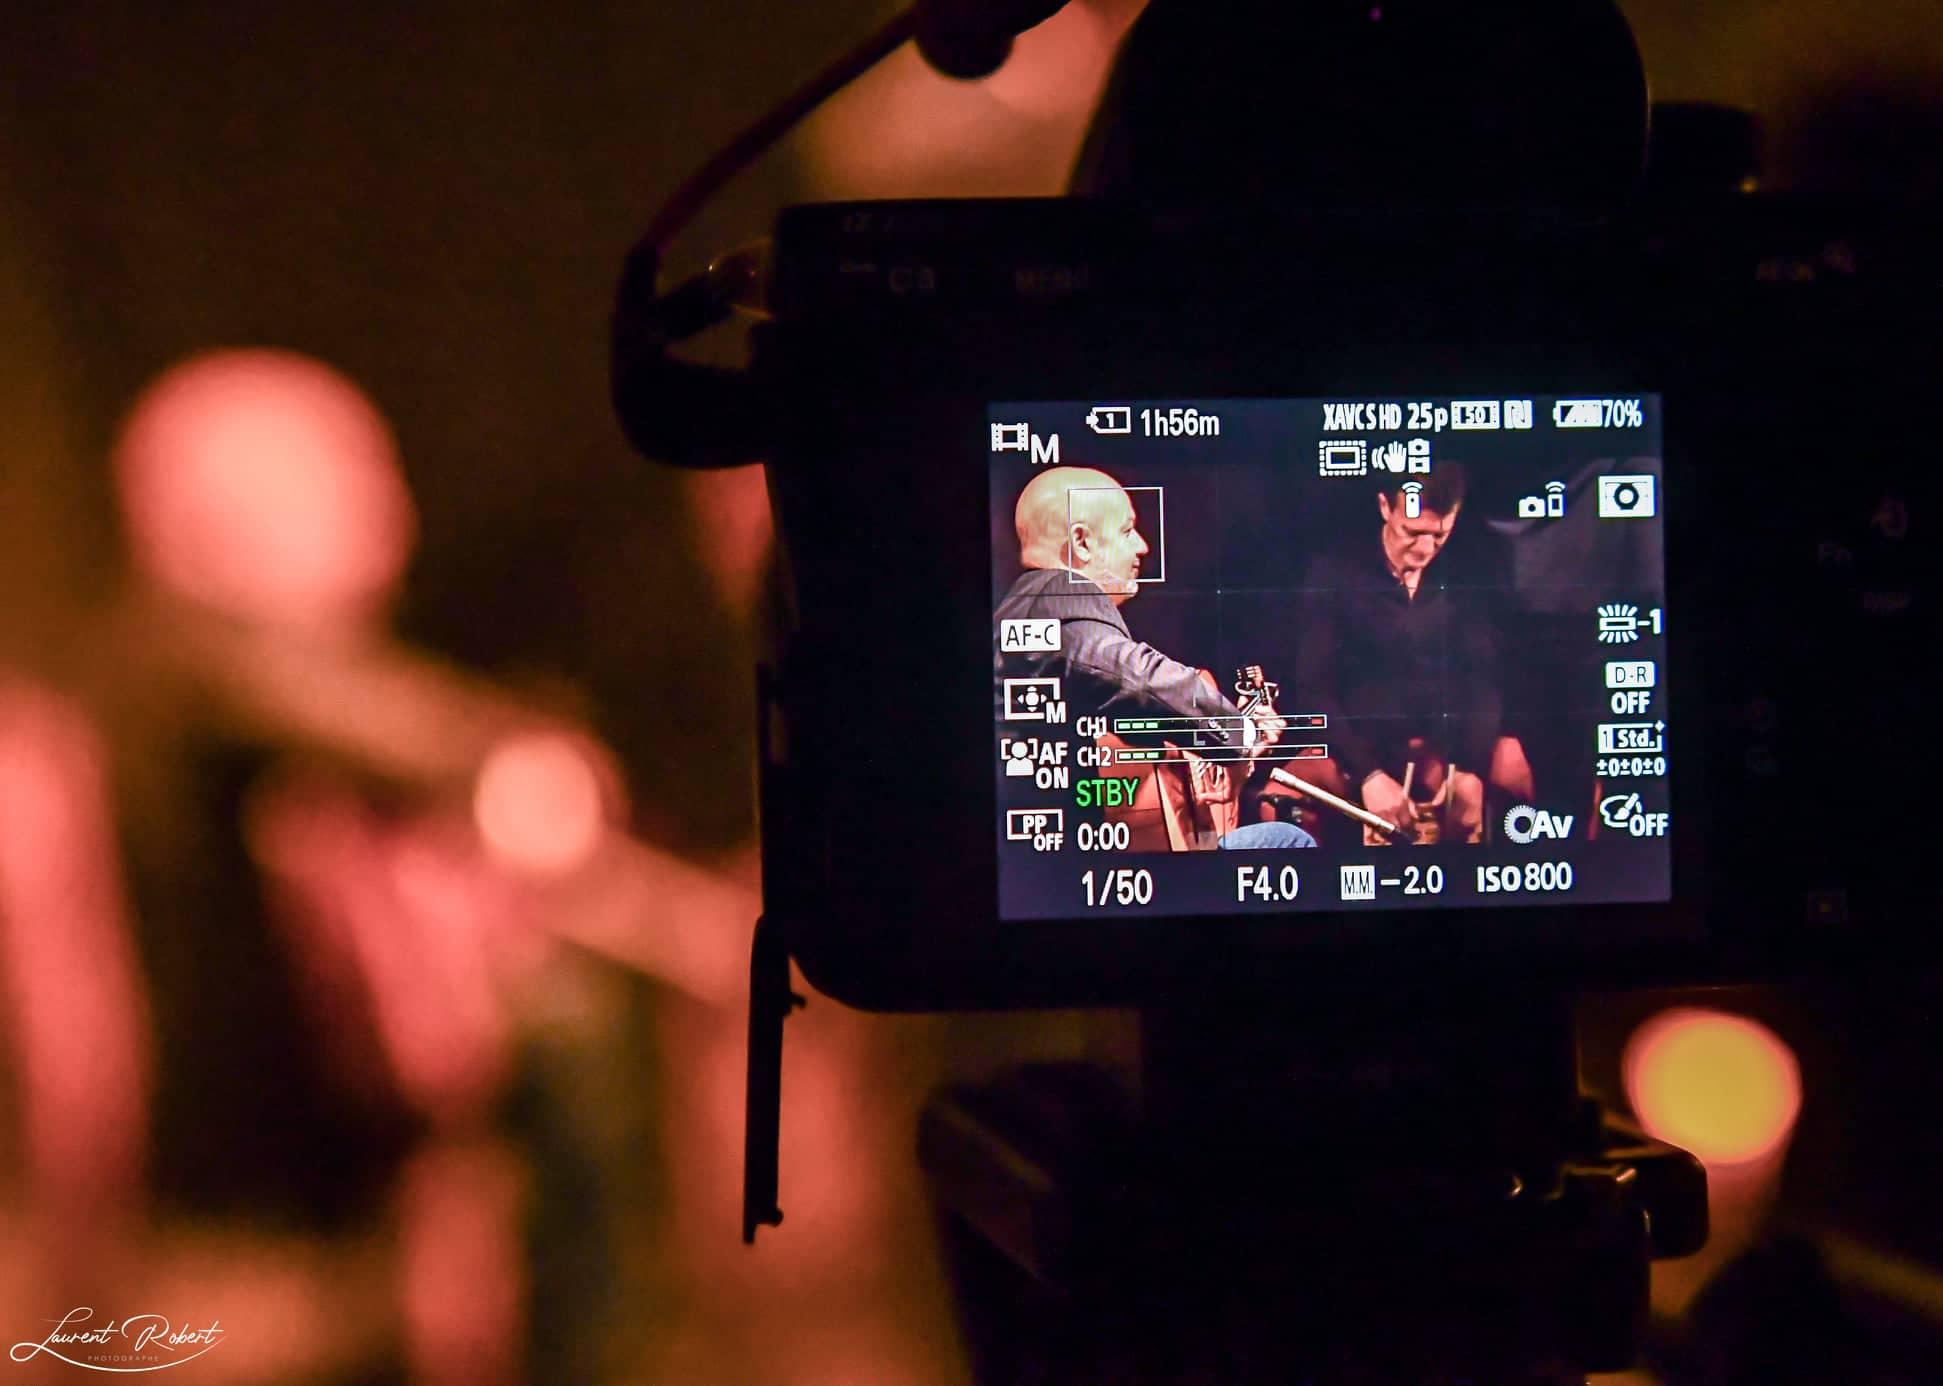 evenements-flamenco-bordeaux-ete-2021 (1)